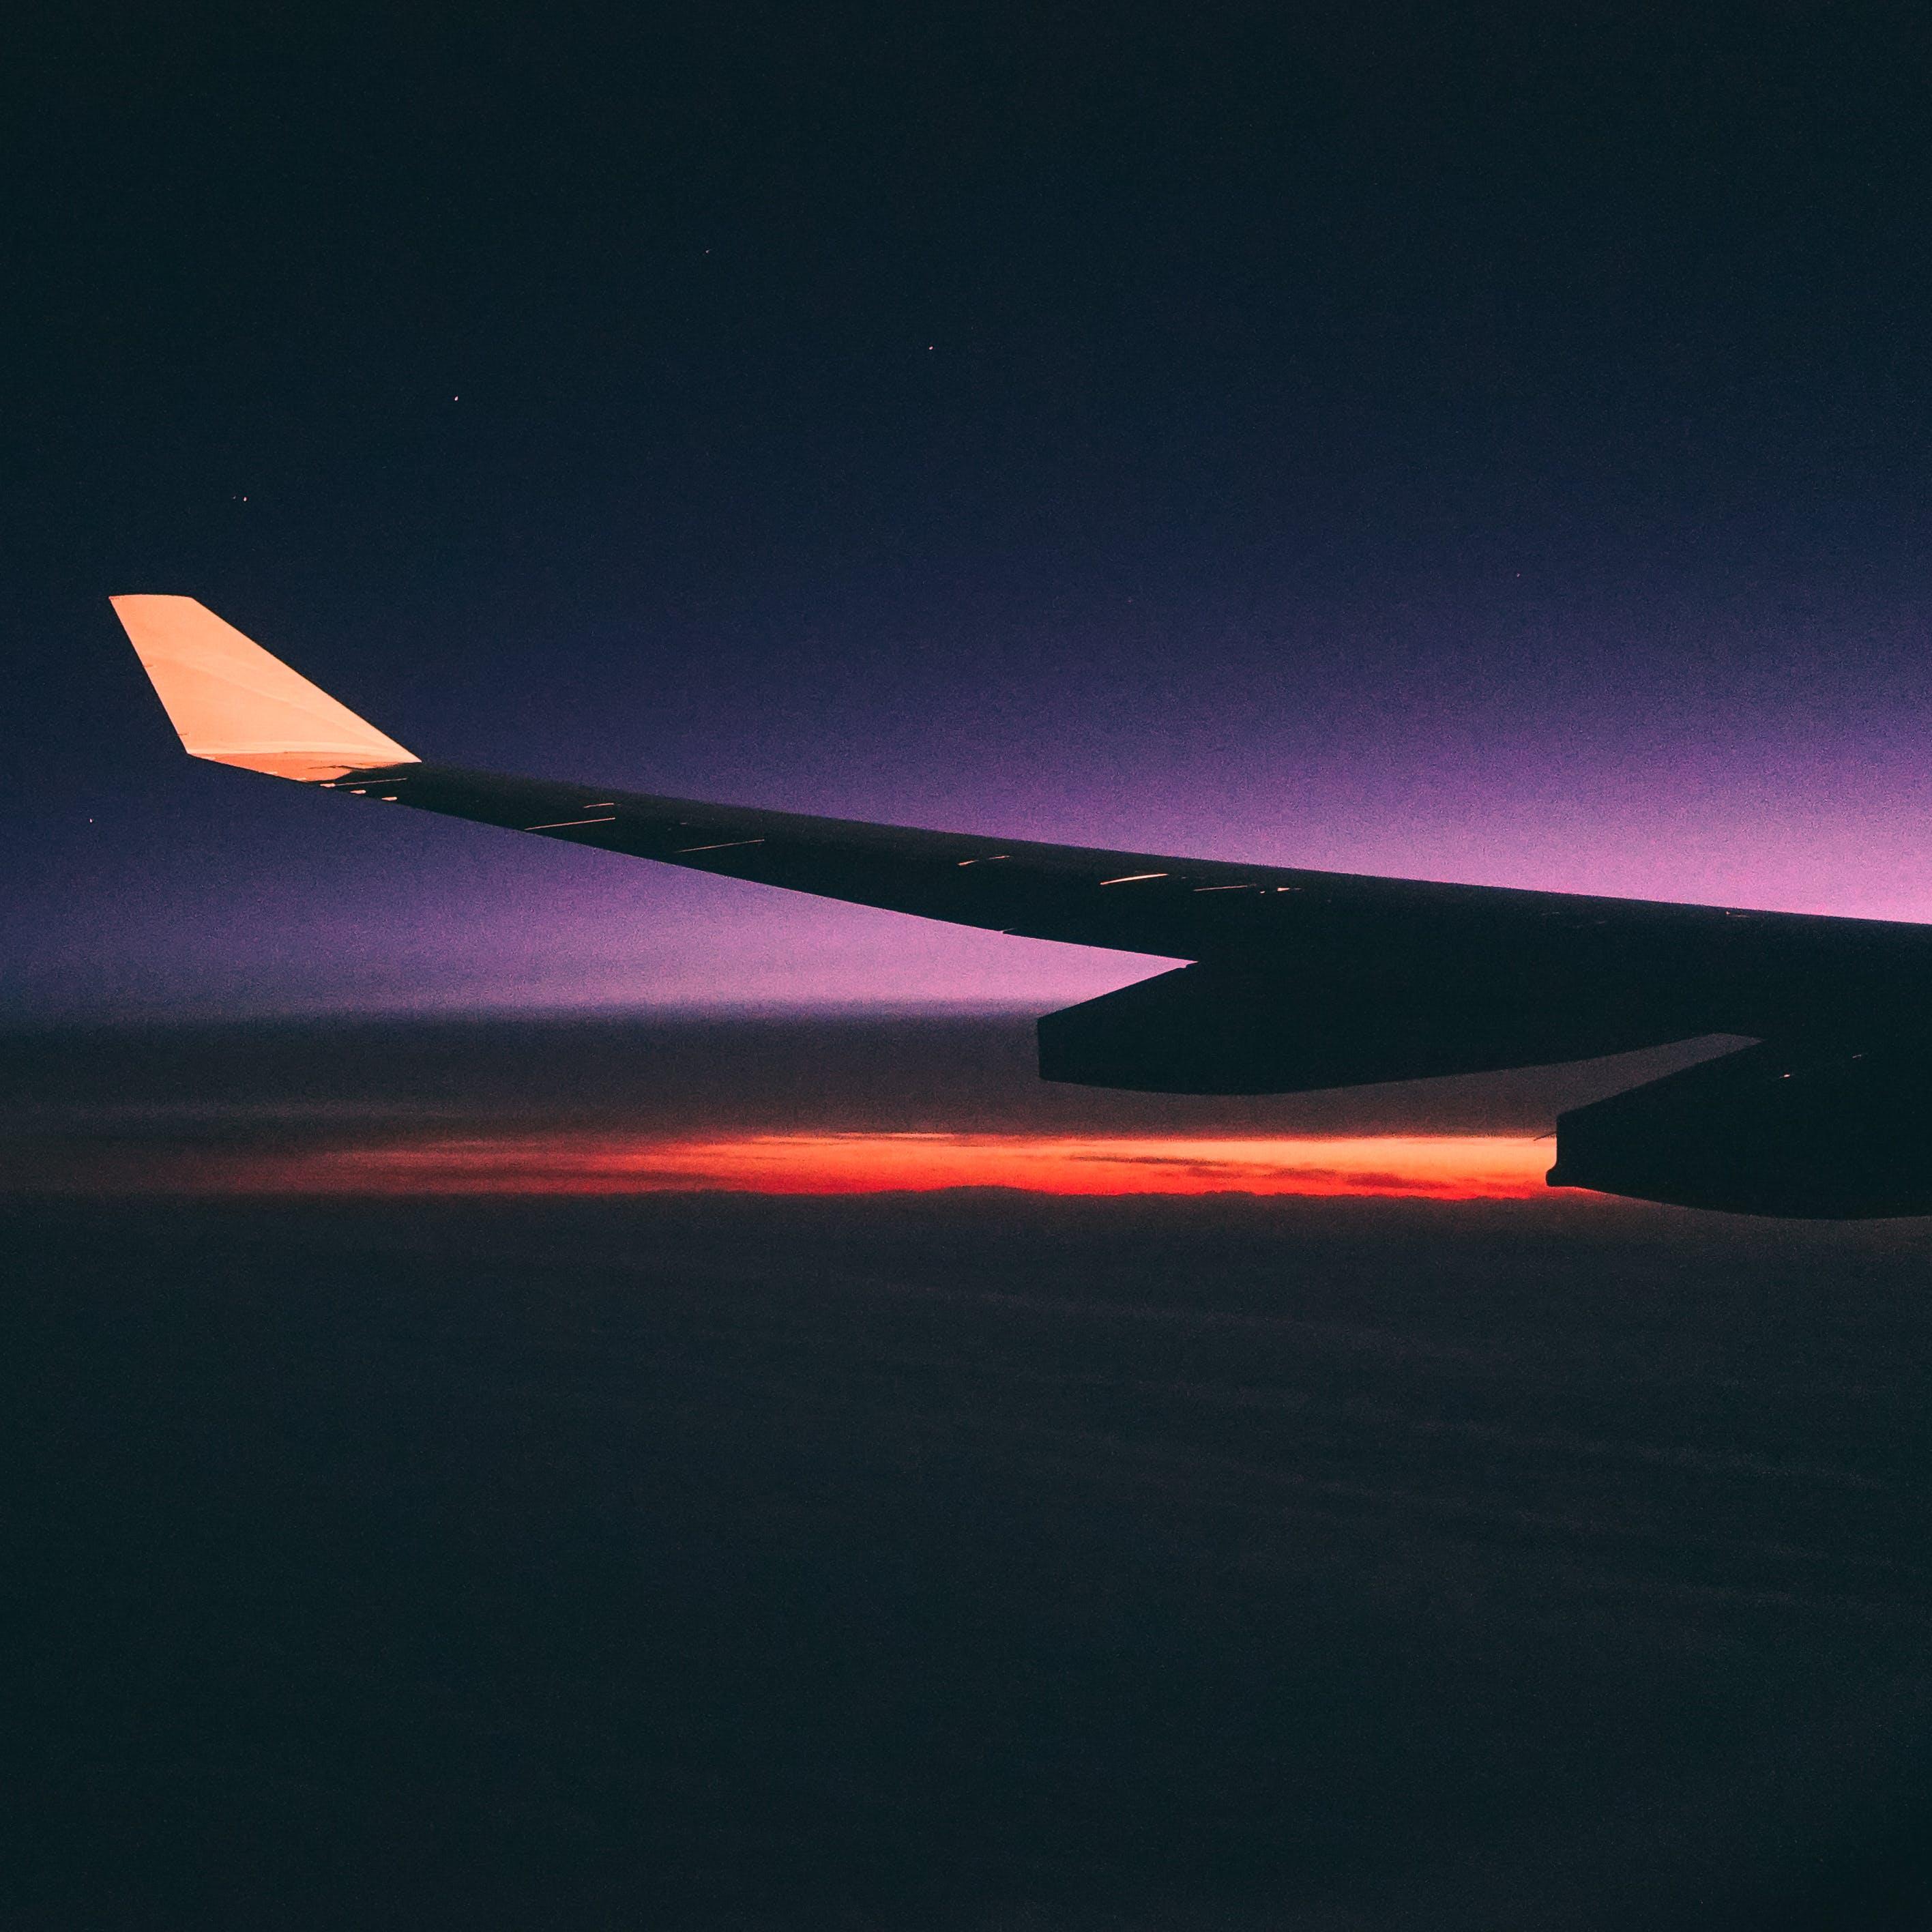 Foto d'estoc gratuïta de ala d'avió, ala de l'avió, alba, aviació